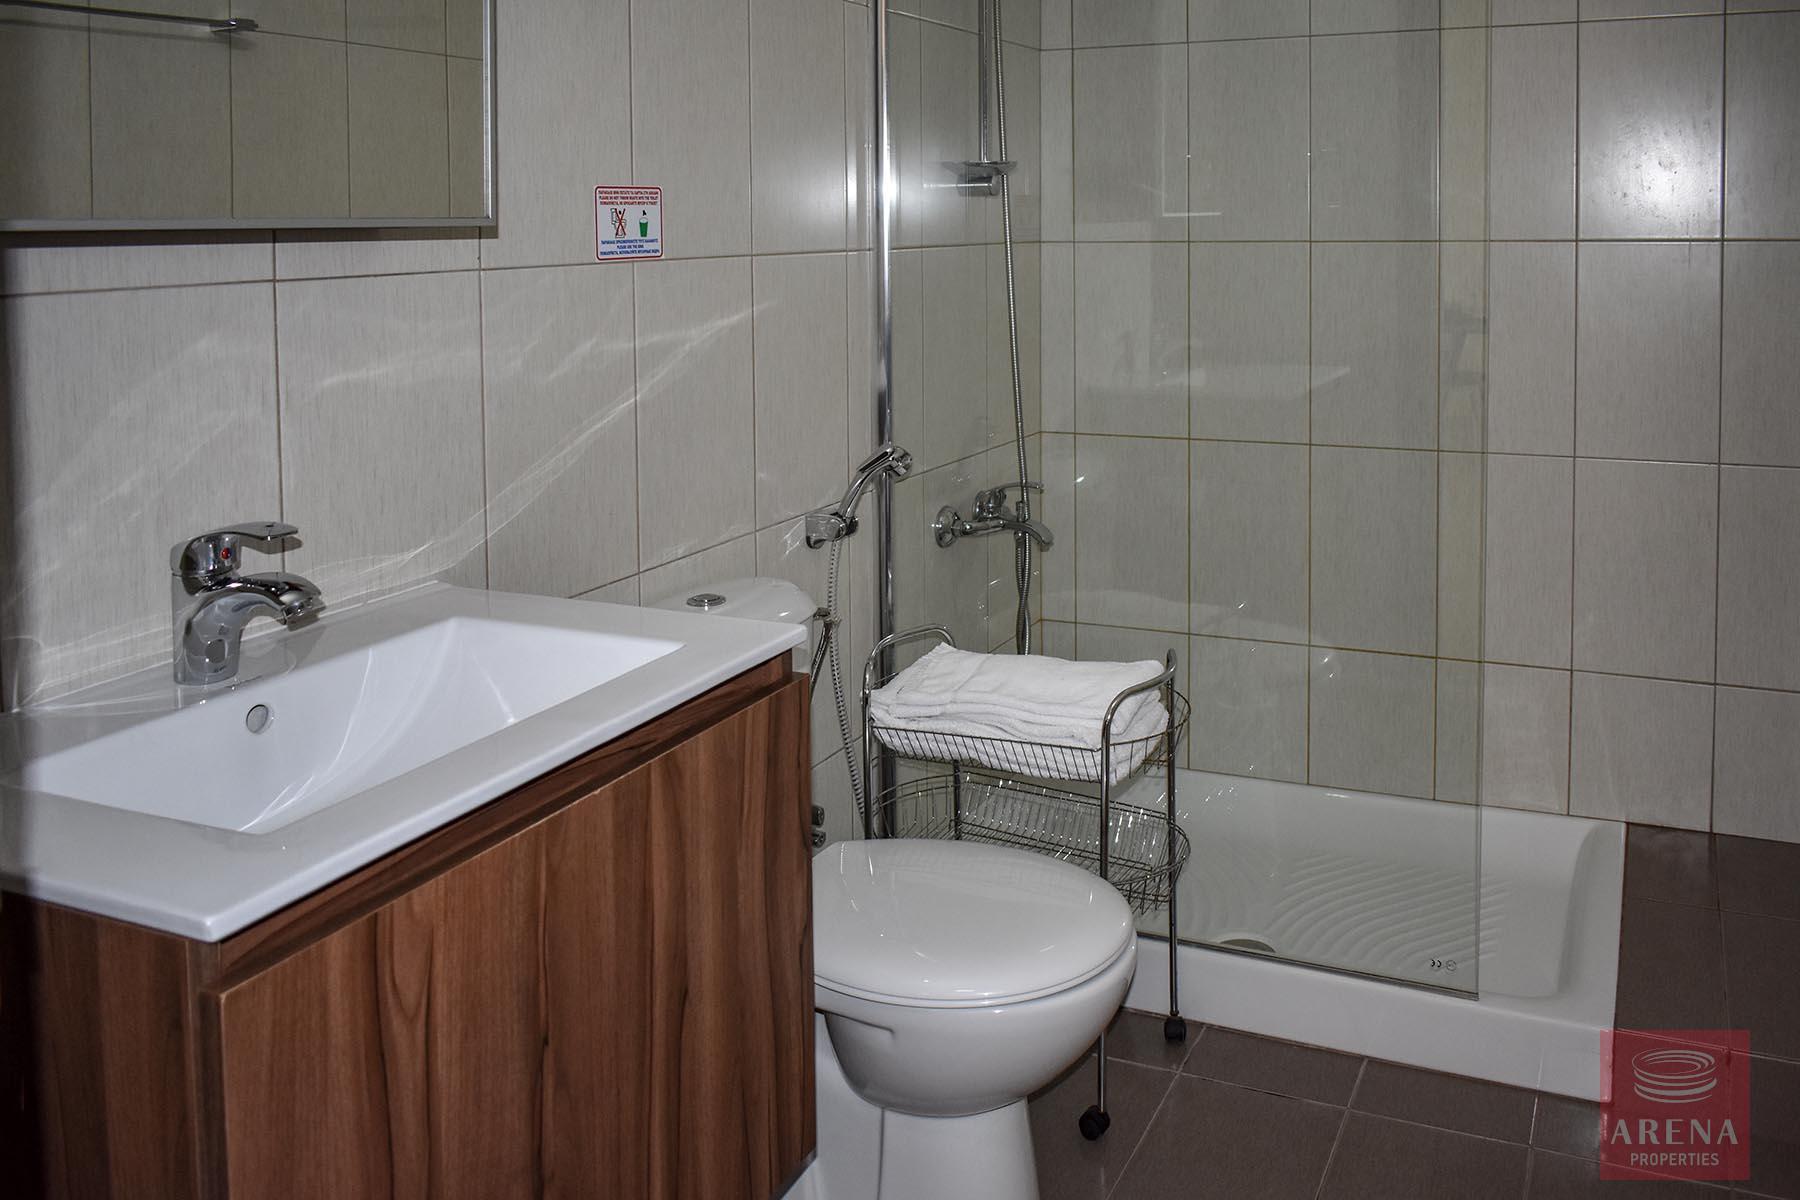 Ground Floor Apartment in Kapparis - bathroom